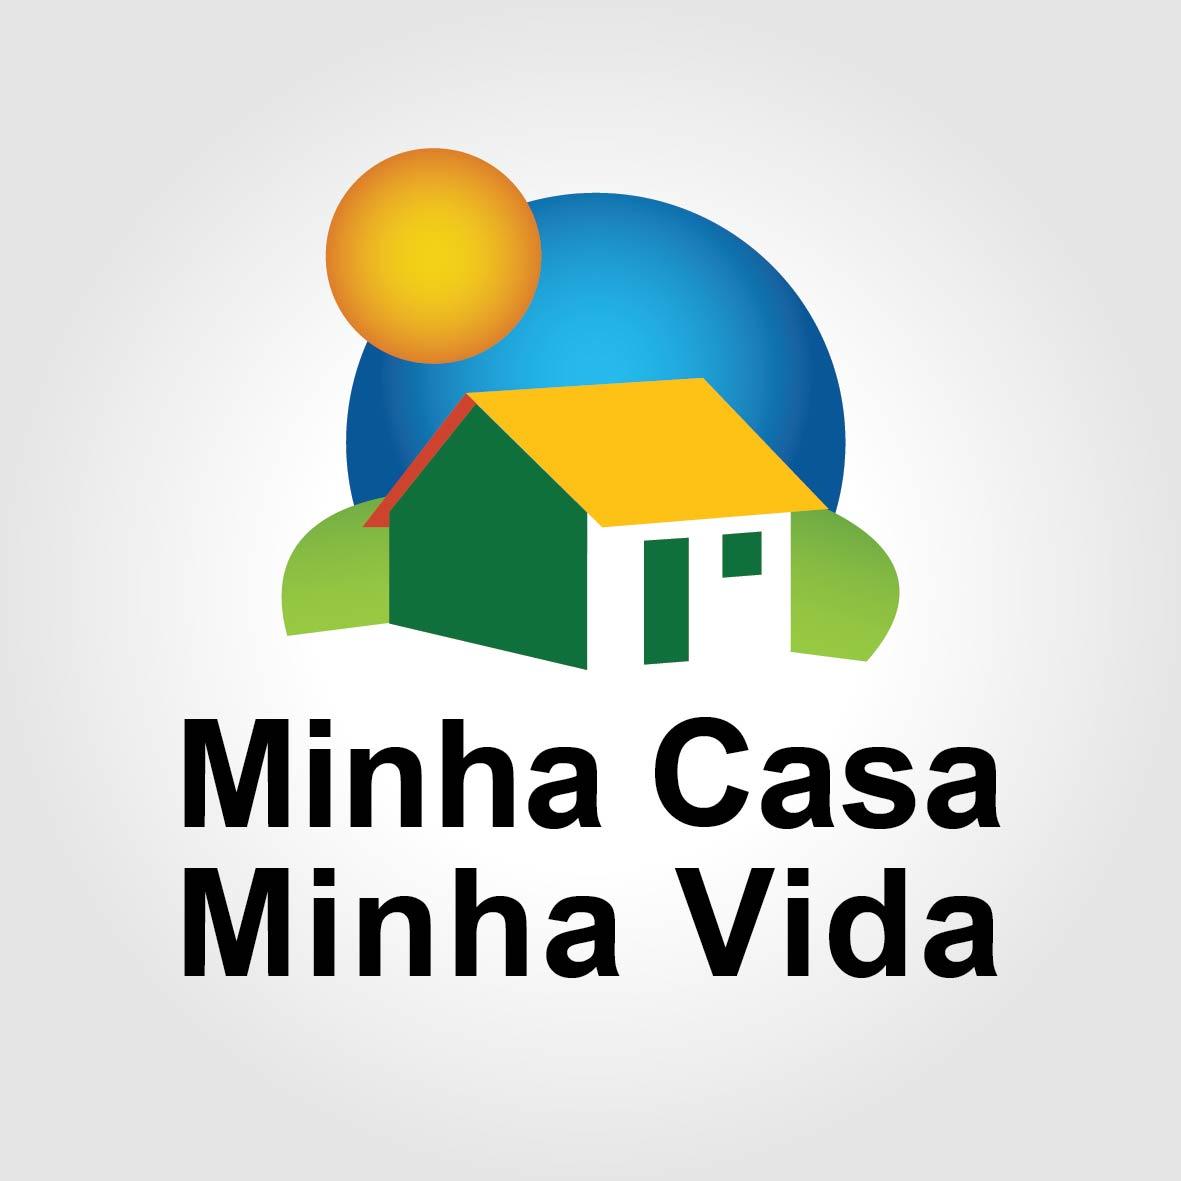 623136 cartao para compra de eletrodomesticos minha casa 2 Cartão para compra de eletrodomésticos Minha Casa